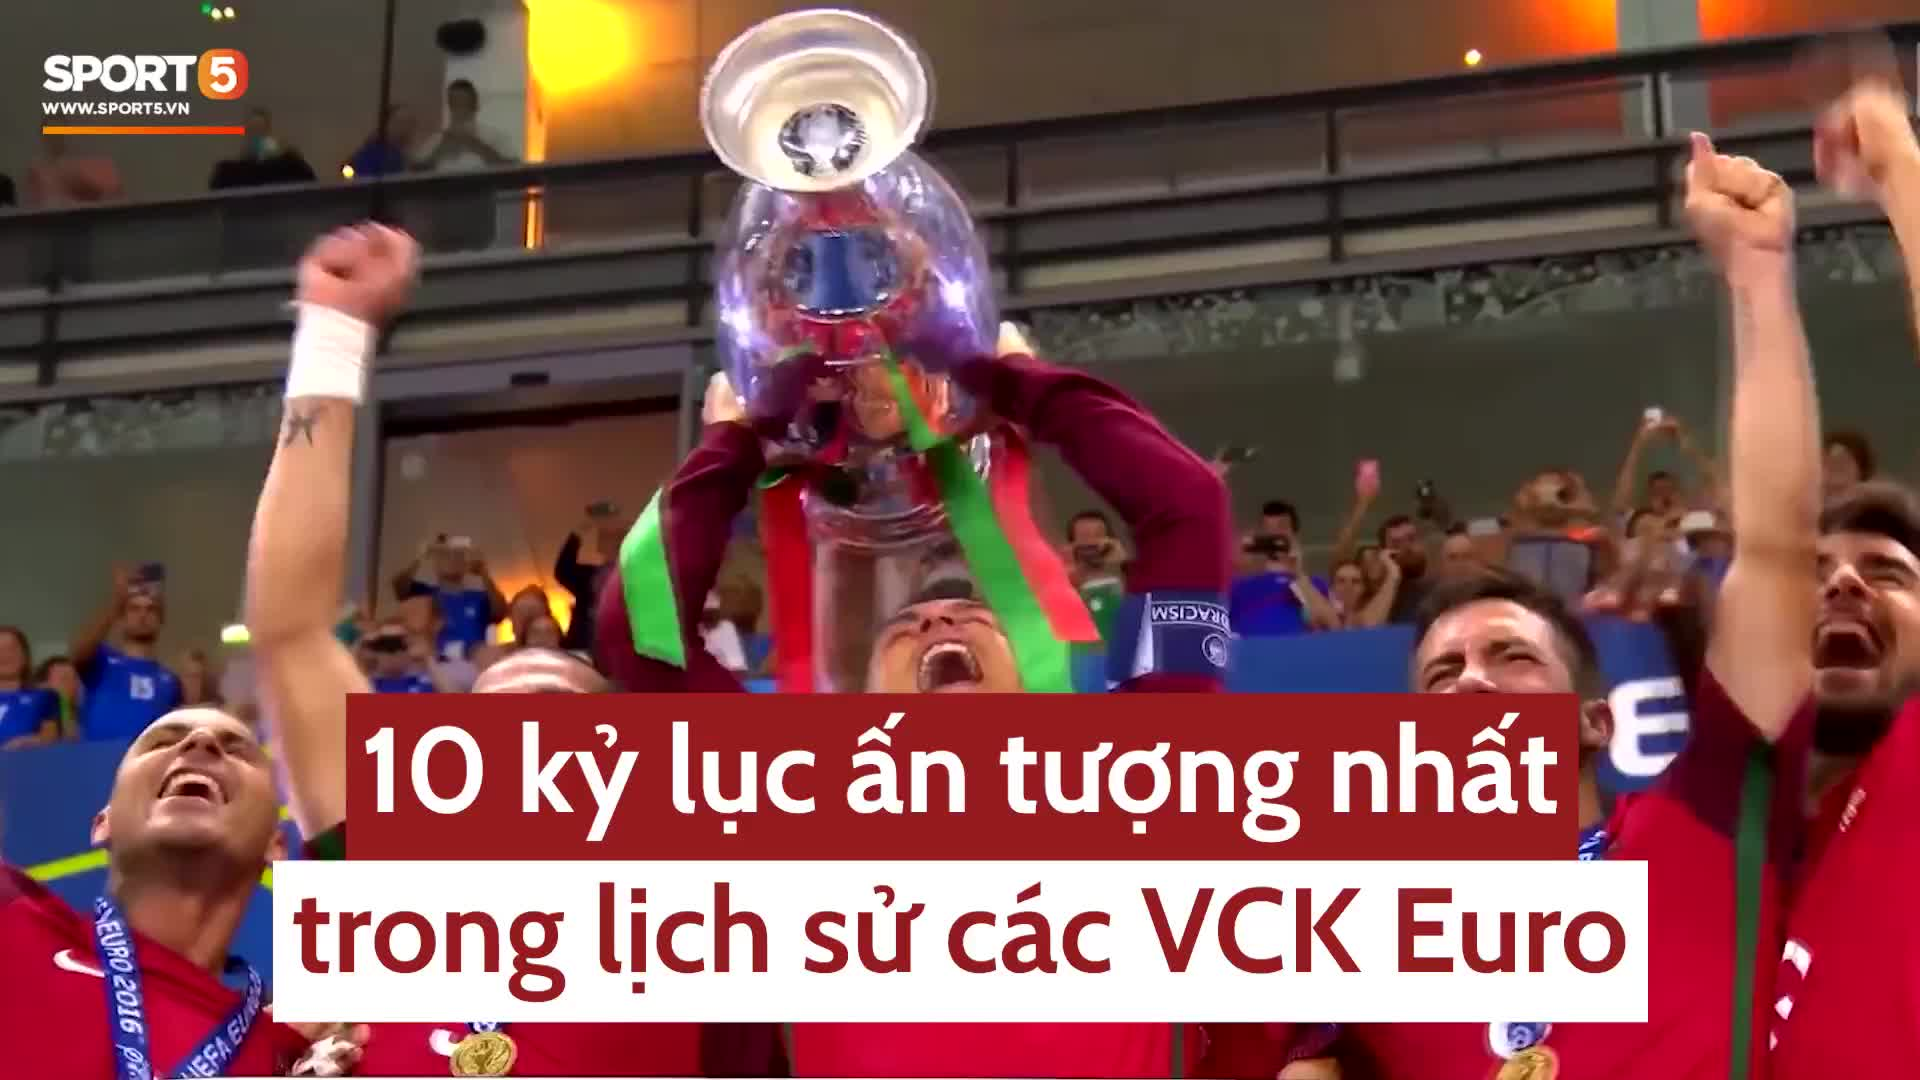 10 kỷ lục ấn tượng nhất trong lịch sử các VCK Euro